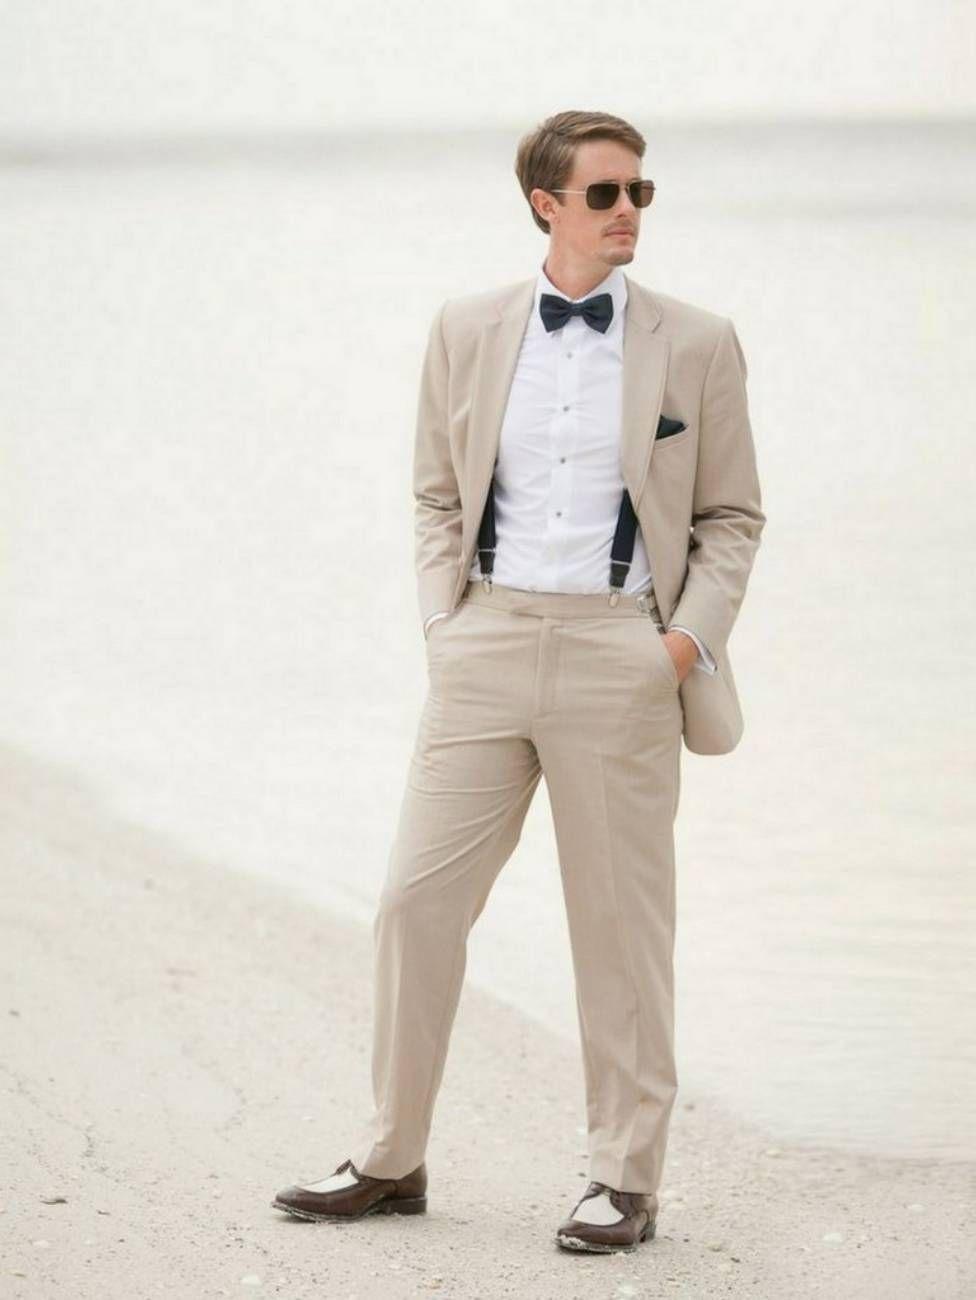 Mens Linen Suits for Beach Wedding | Weddings | Pinterest | Mens ...